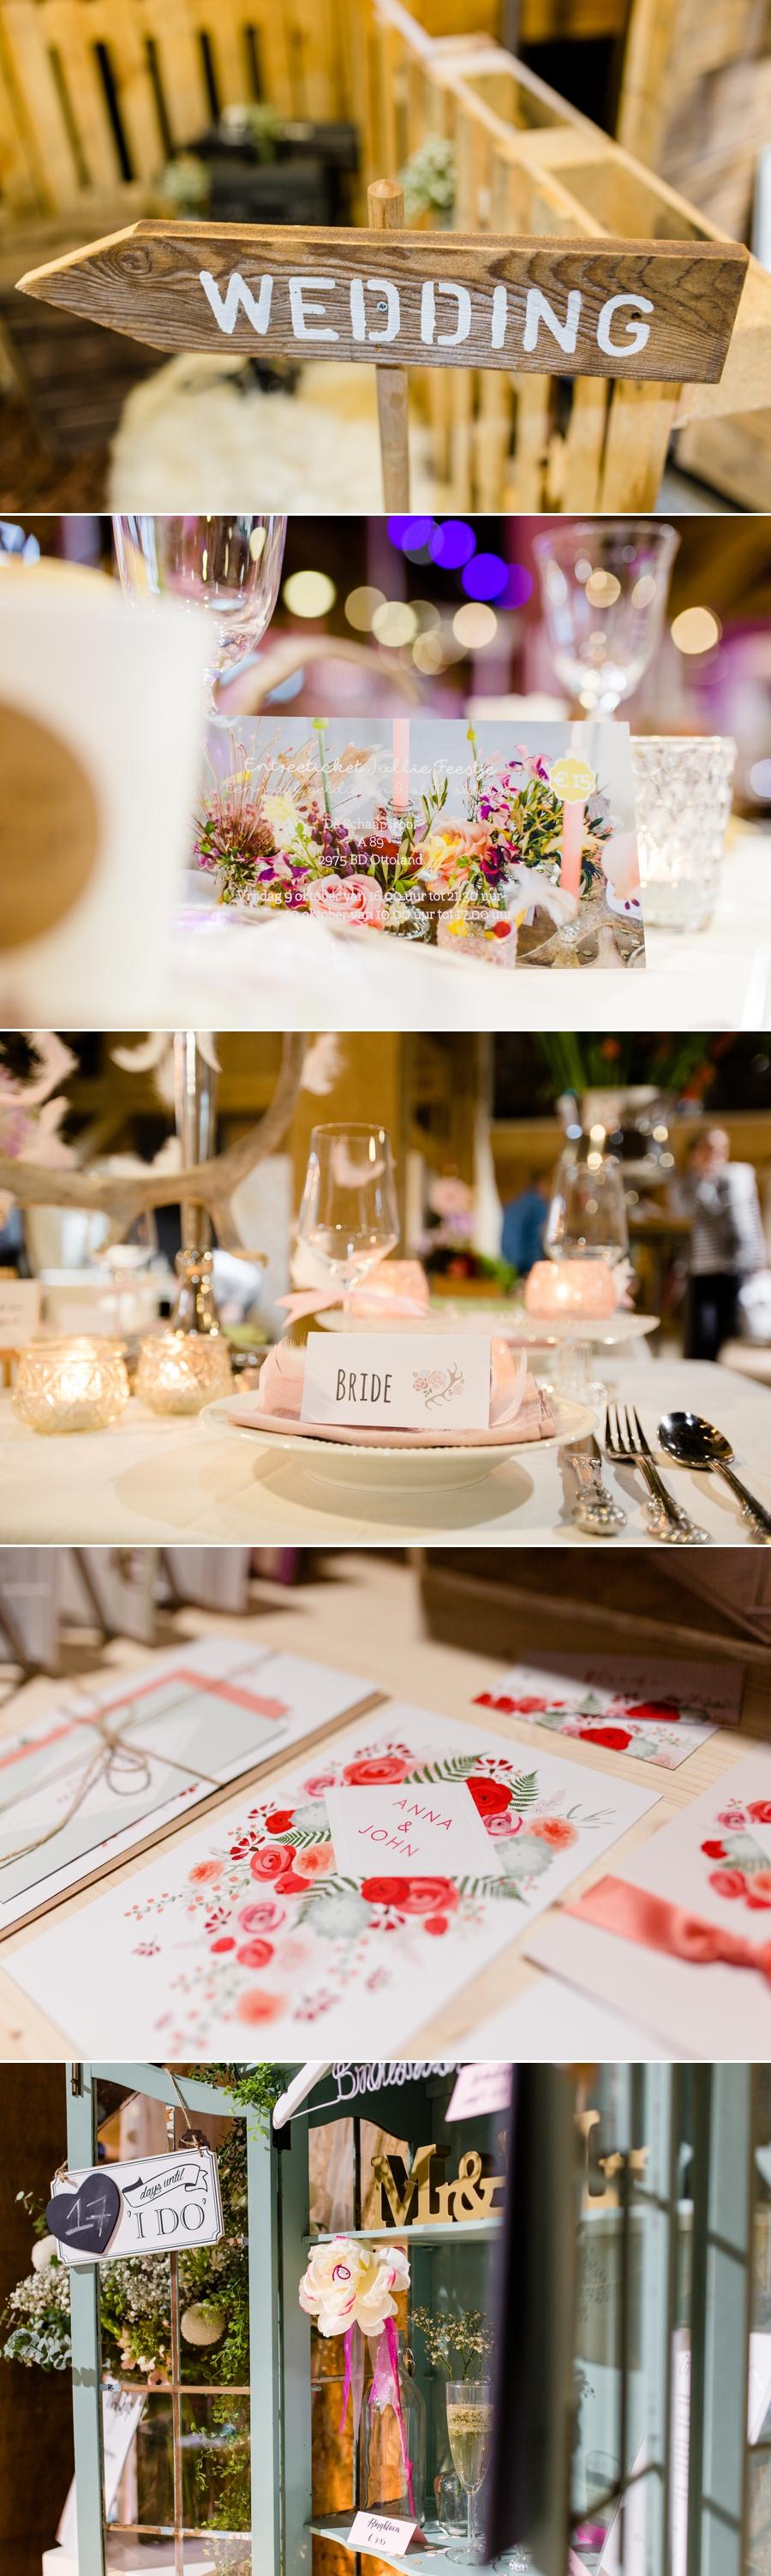 trouwbeurs-jullie-feestje